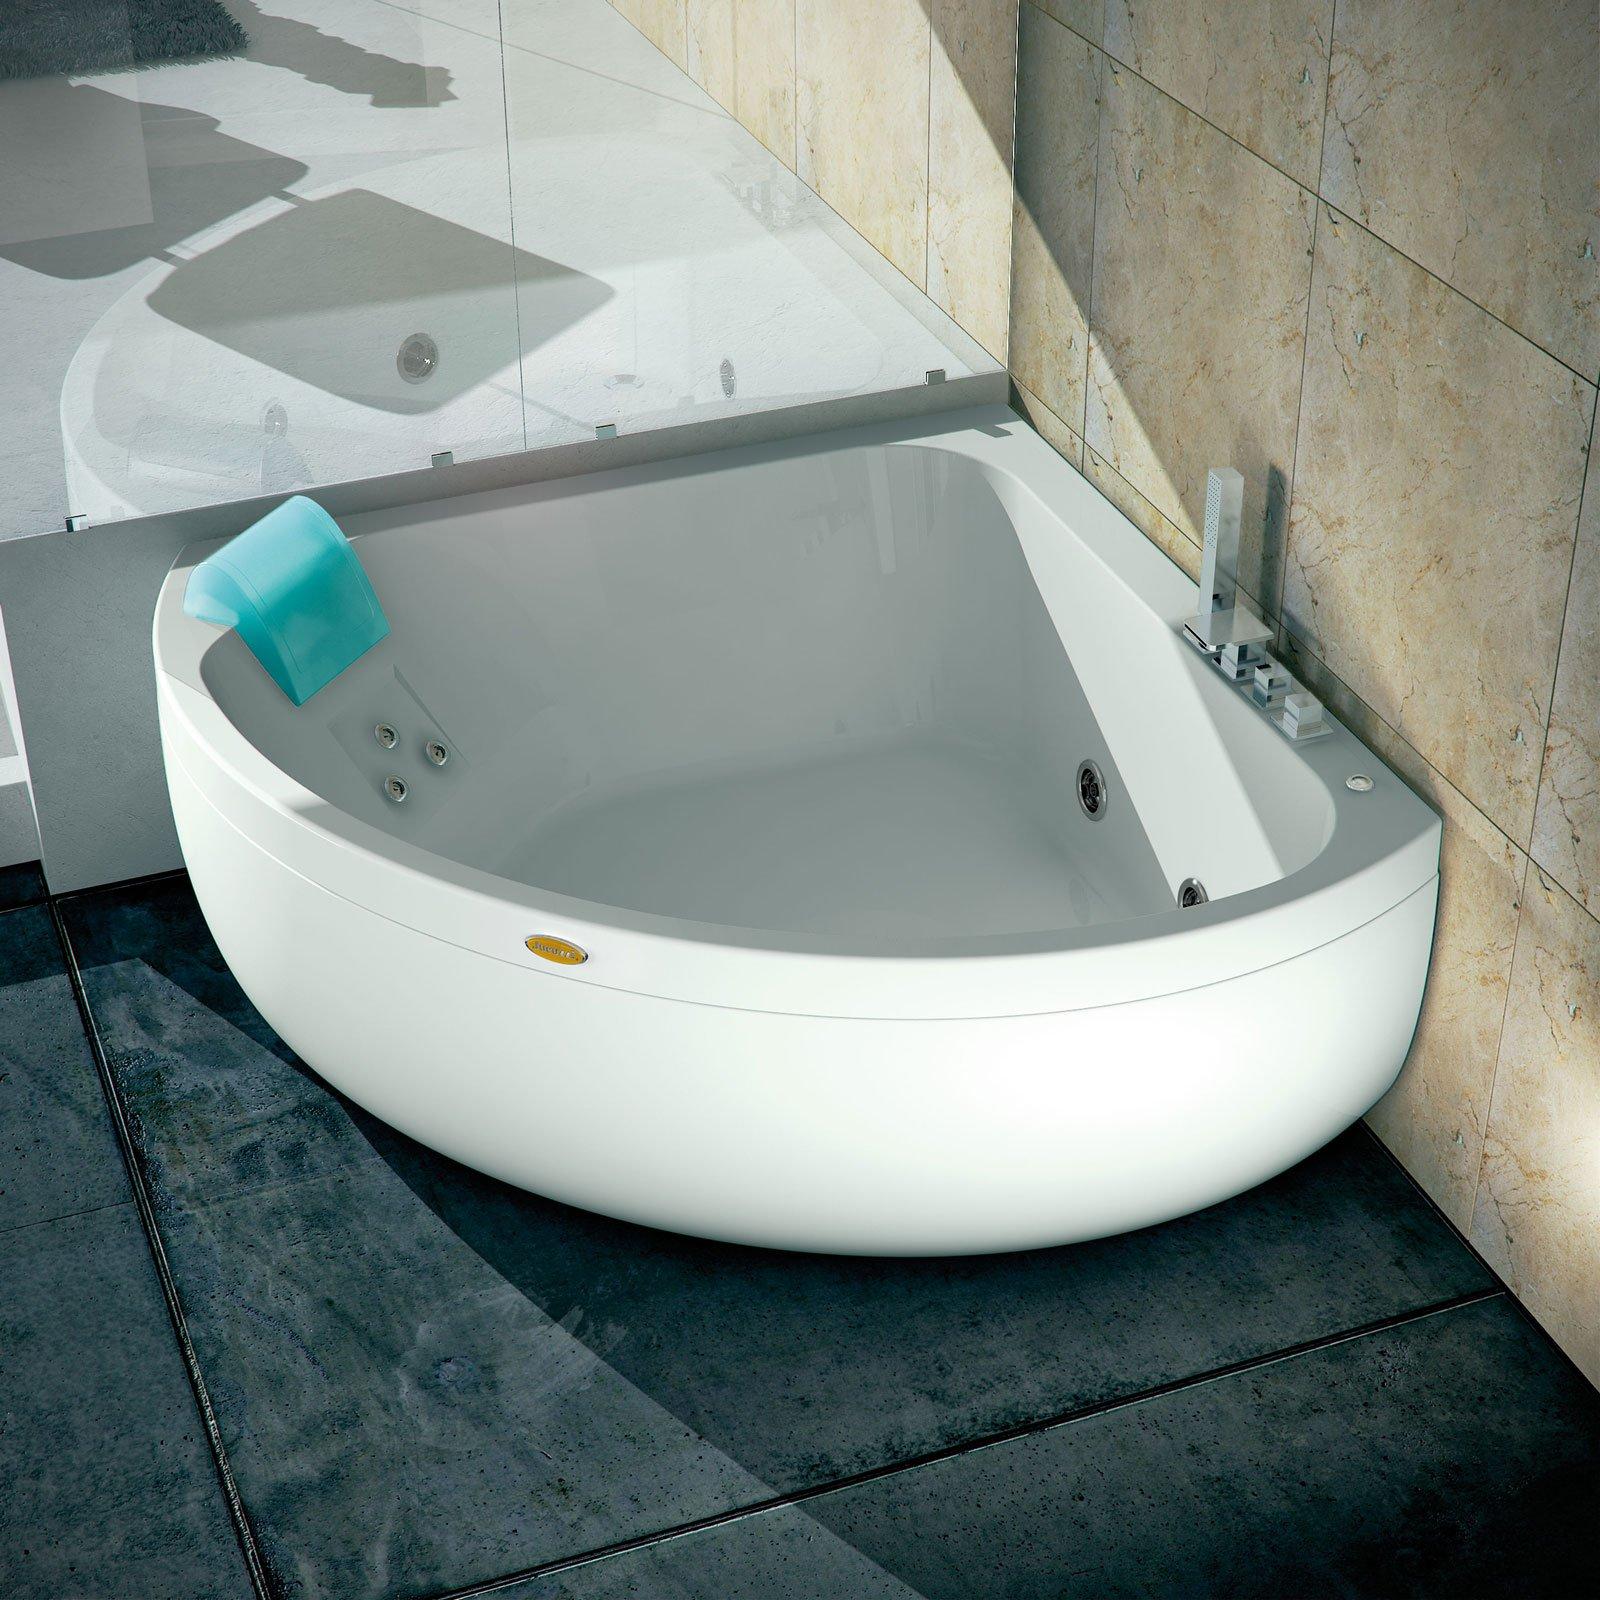 Vasche da bagno in acrilico leggere e antiscivolo hanno - Misure vasche da bagno piccole ...